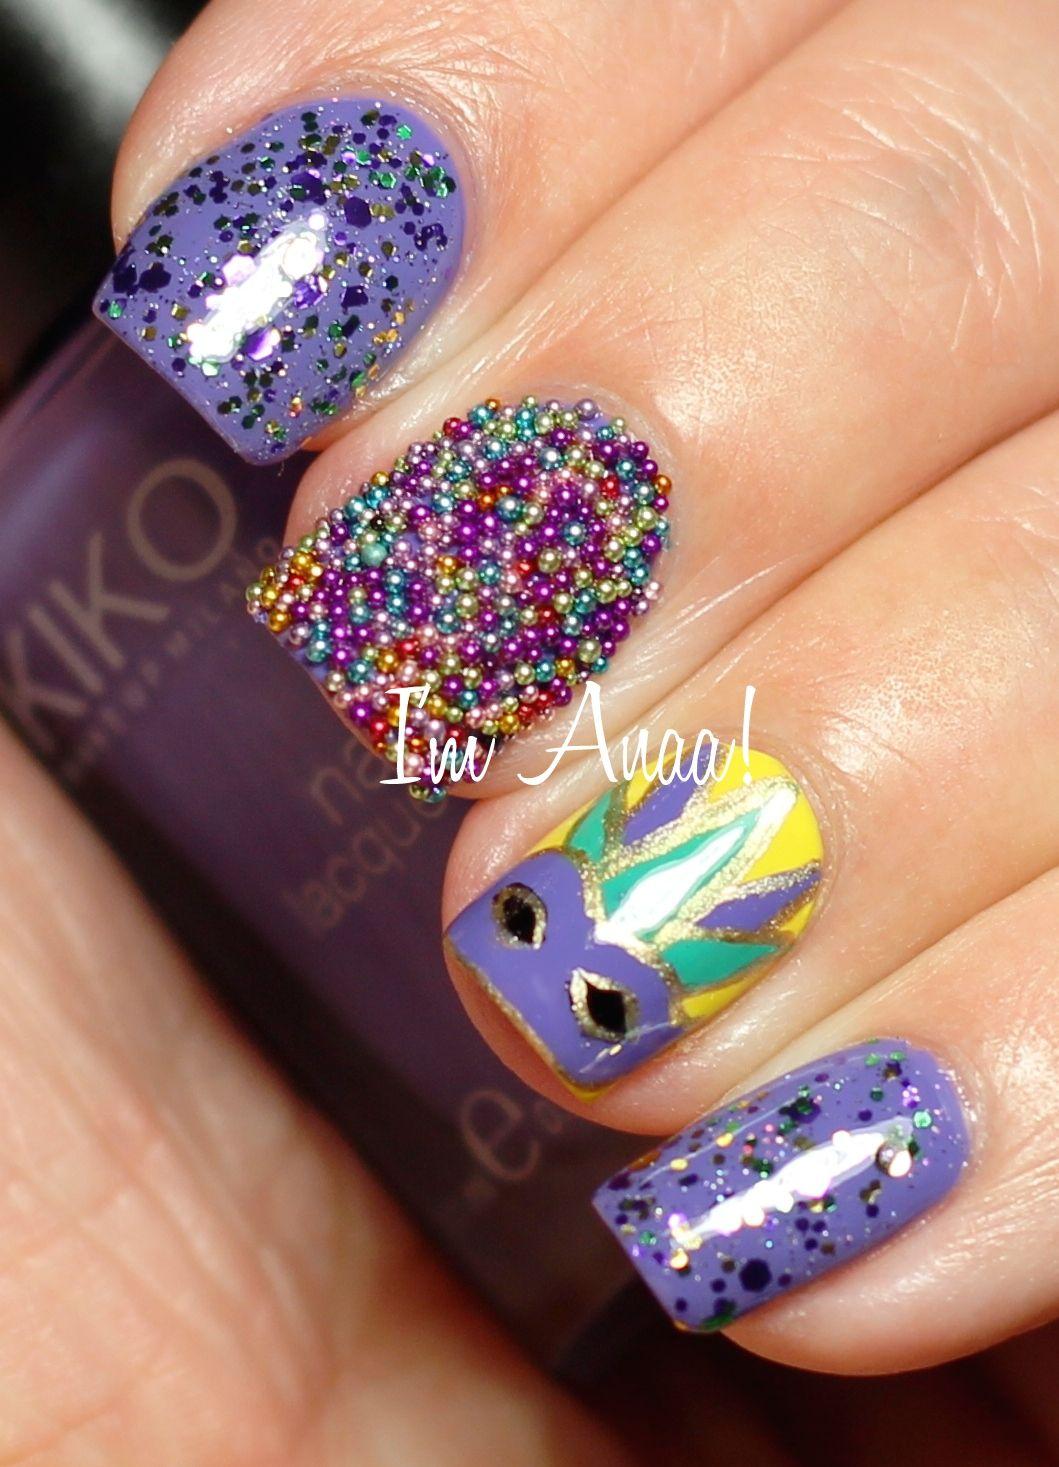 I\'m A Nail Art Addict!: Mardi Gras #nail #nails #nailart | Fun Nails ...